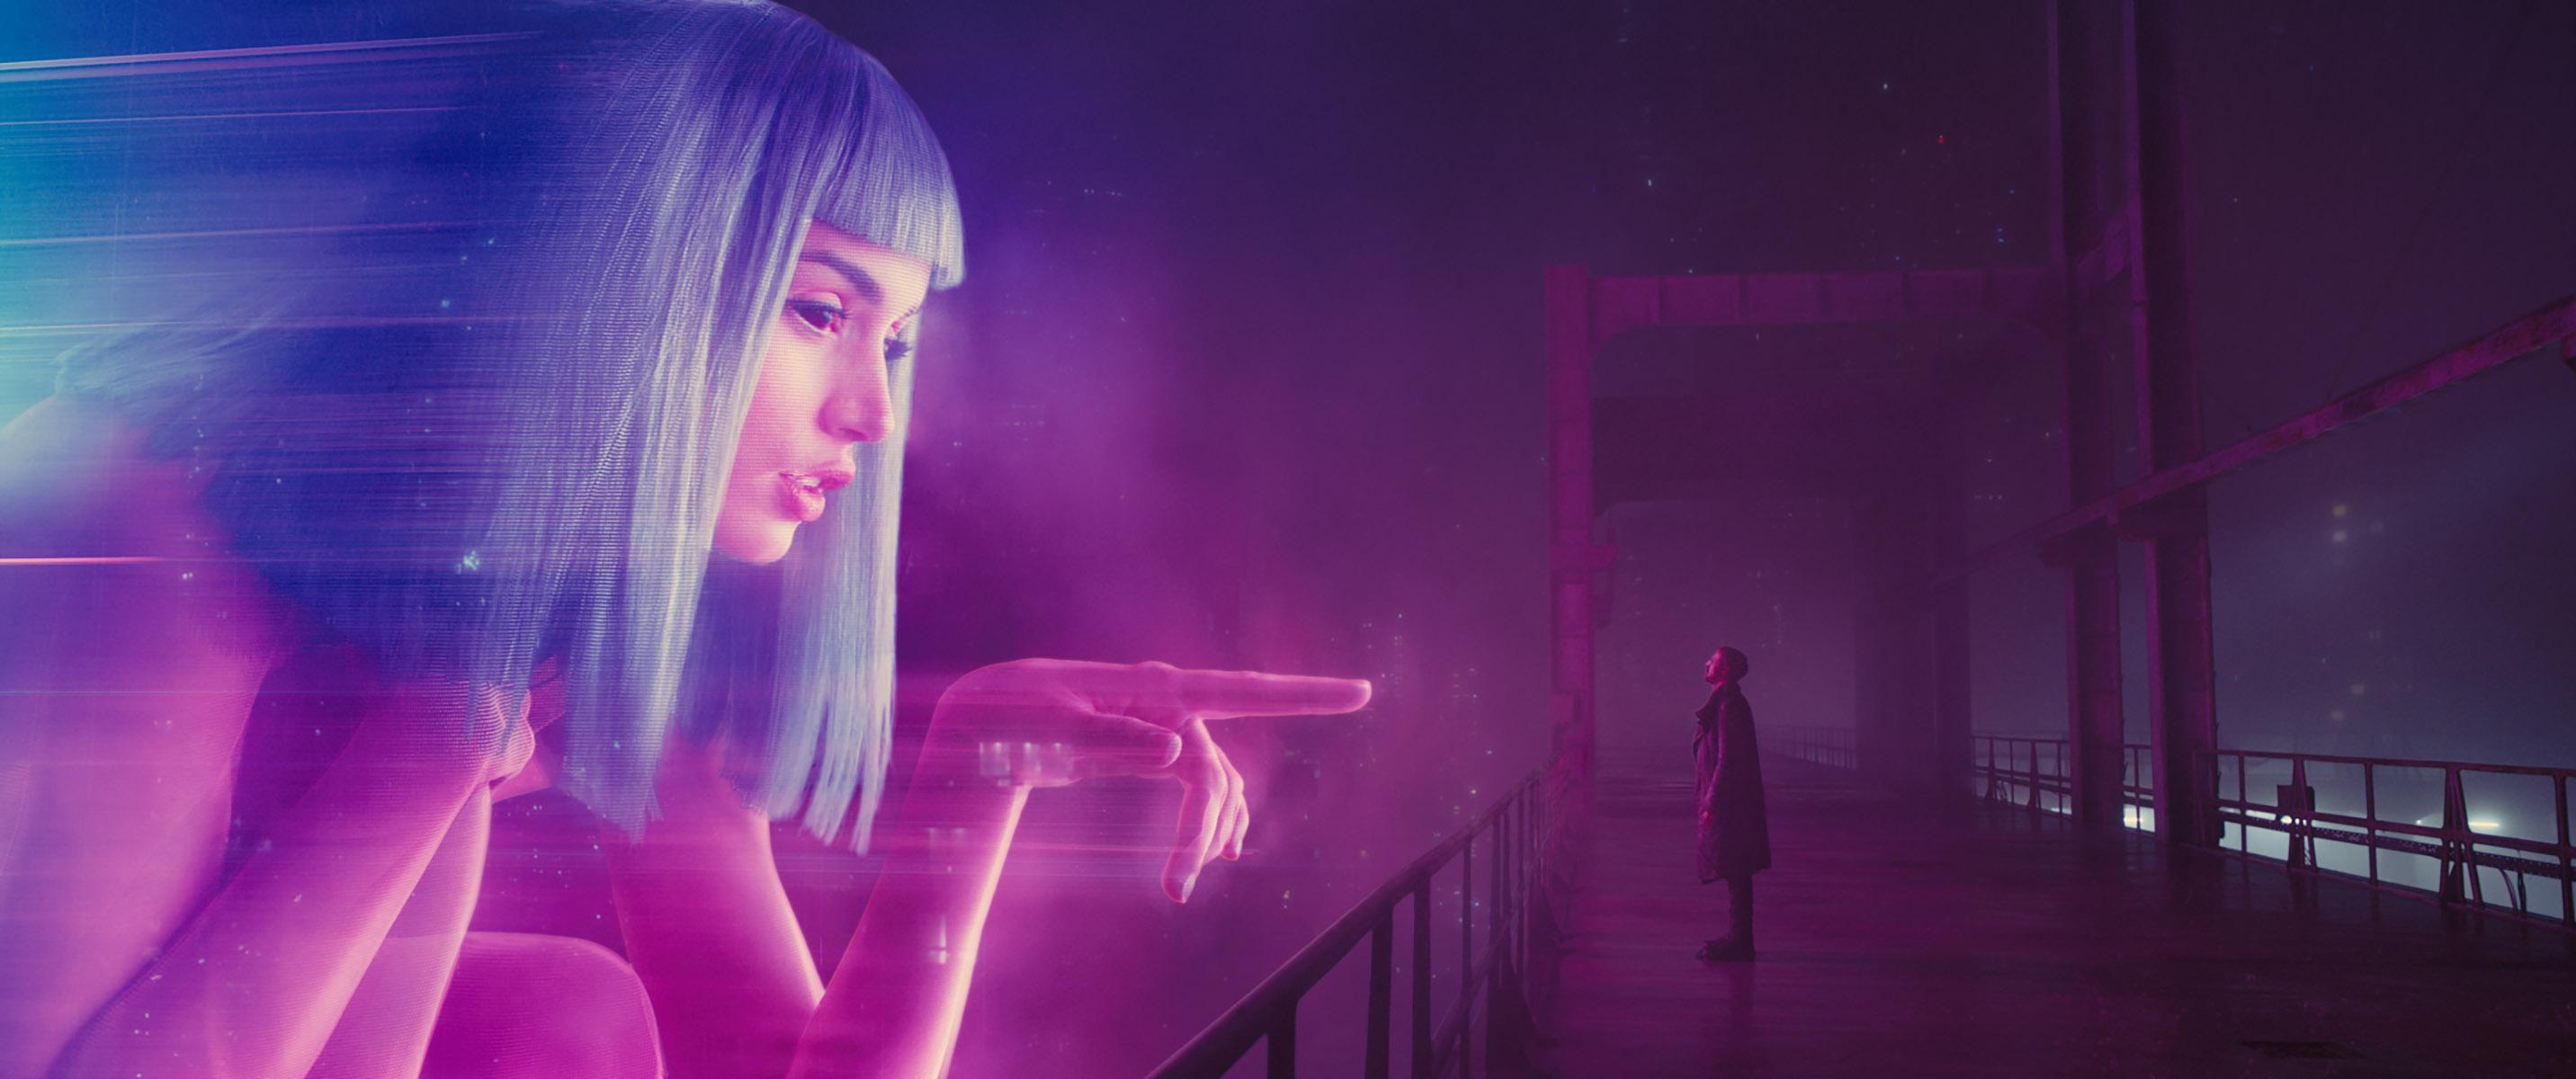 À distância, vemos Ryan |Gosling pequeno em uma ponte e um holograma de mulher com cabelos roxos gigante a sua frente. Ela aponta para ela e a ponta do seu dedo é do tamanho de sua cabeça.